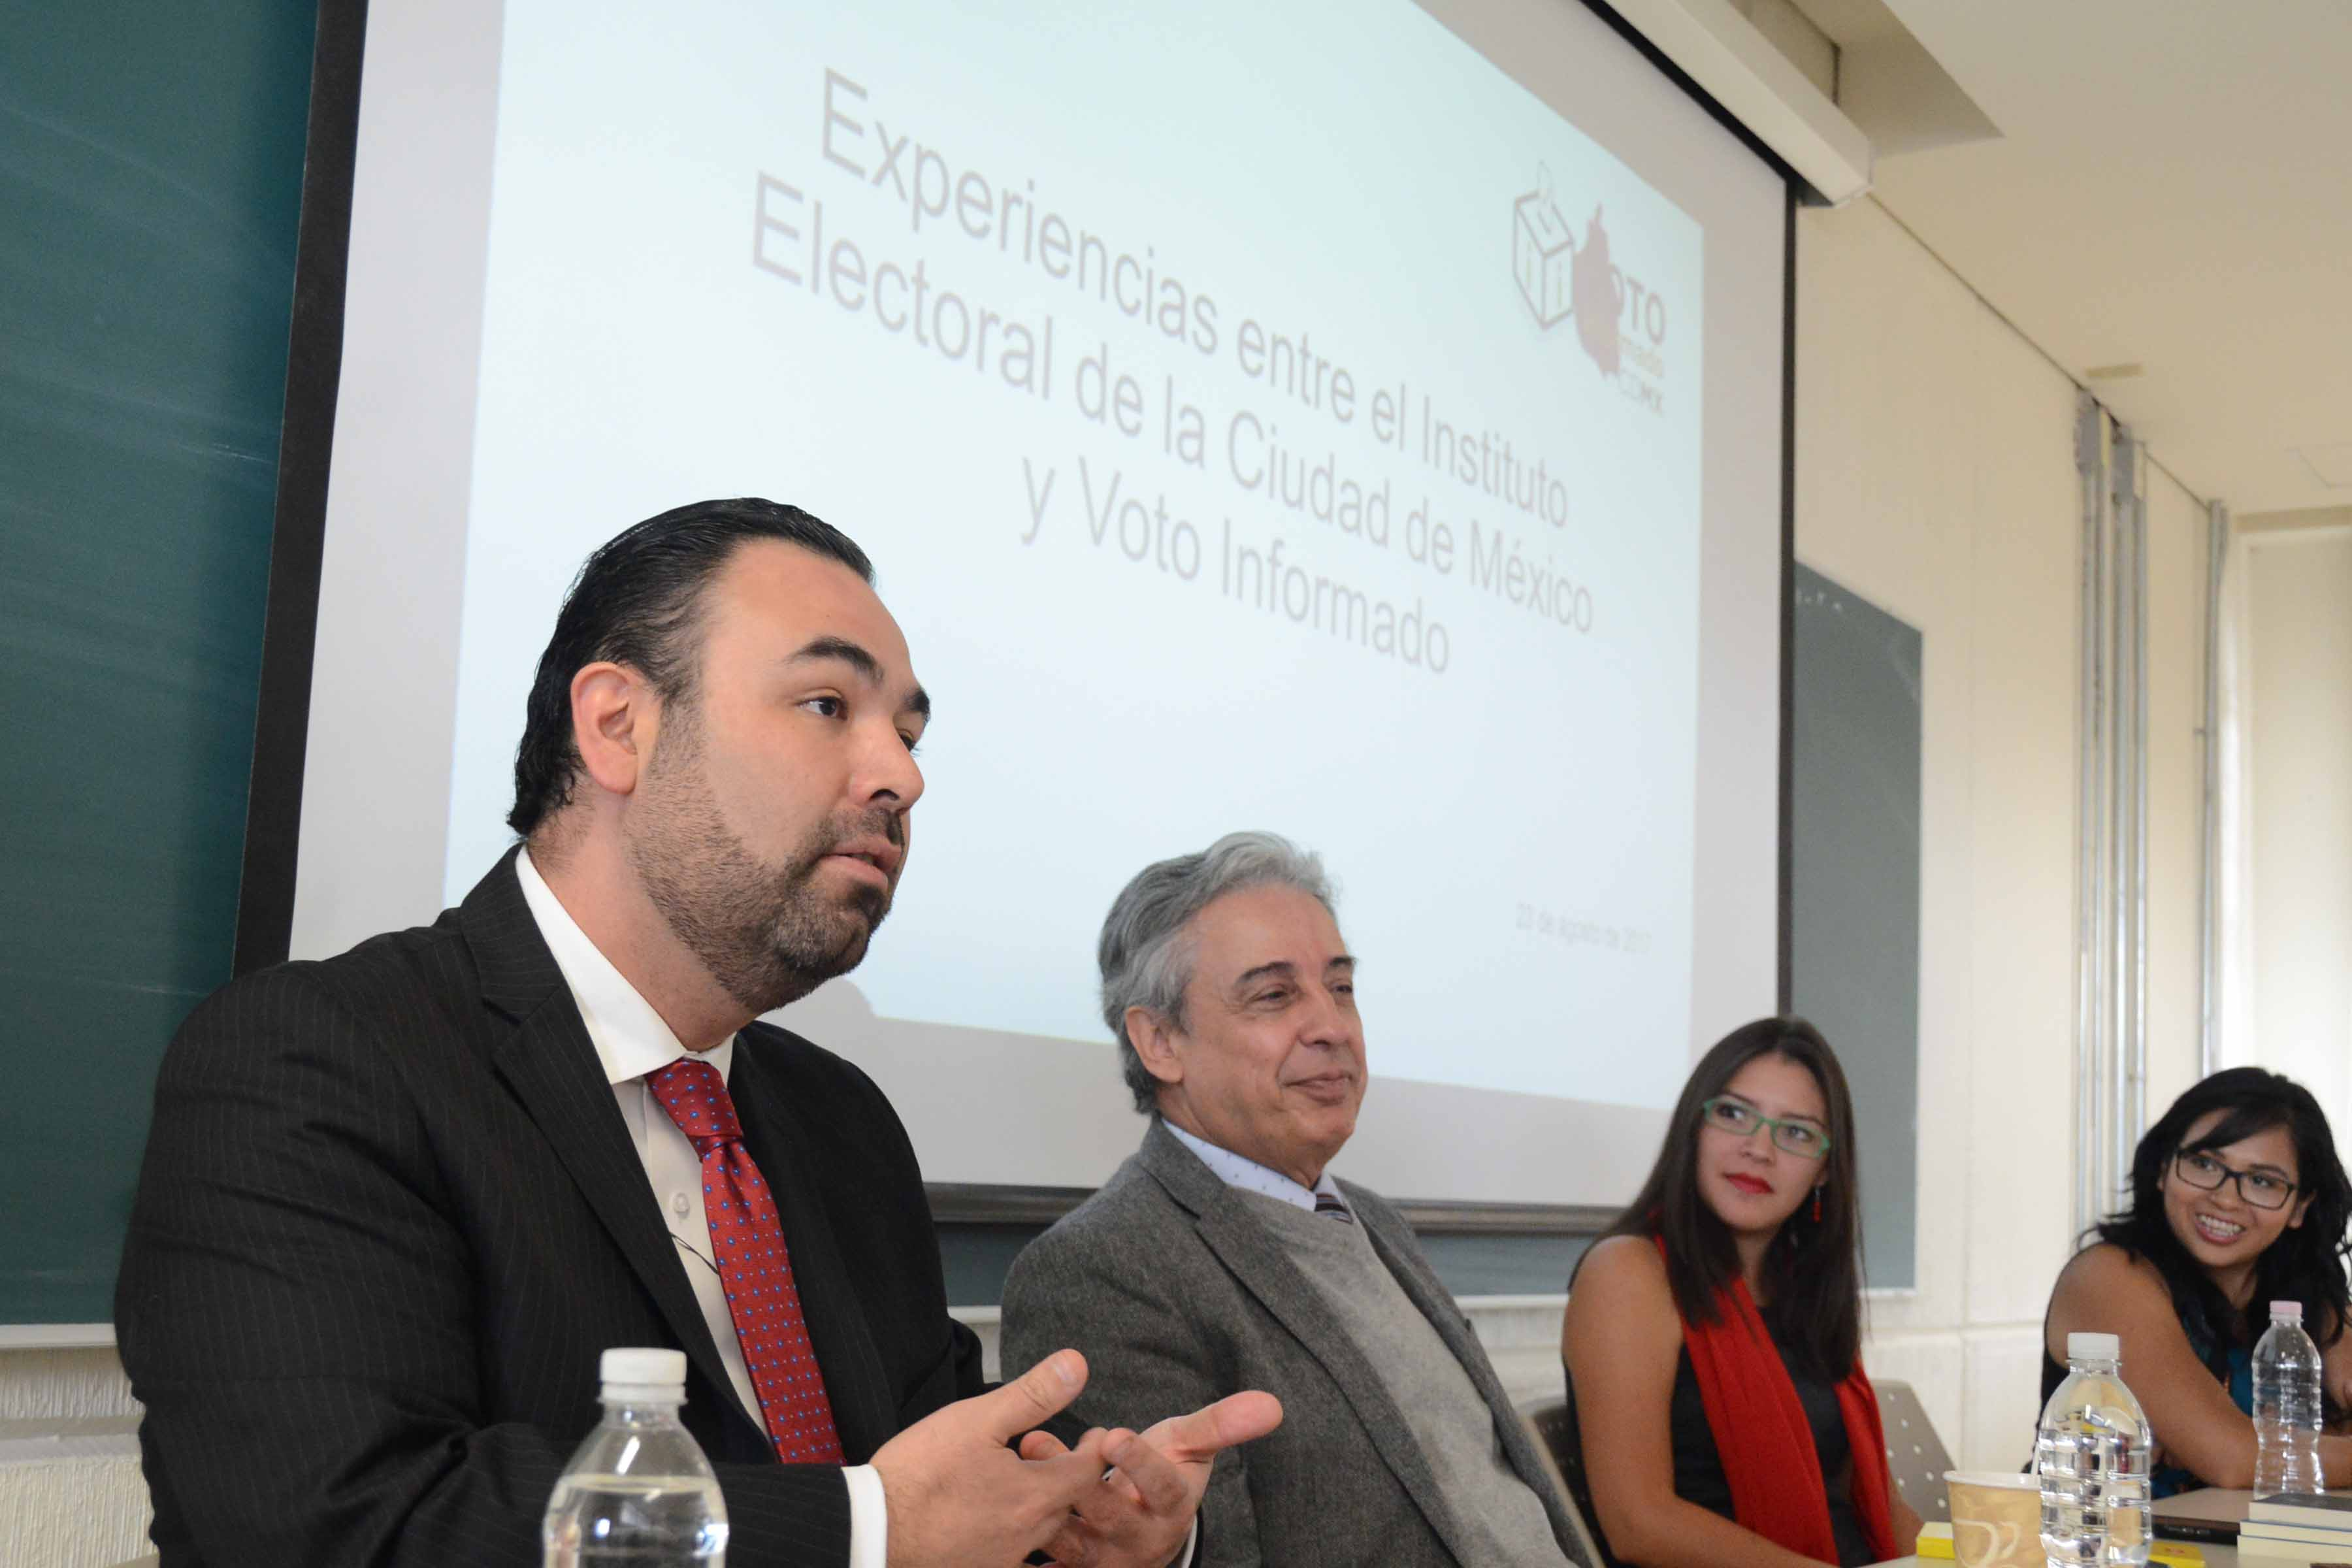 Indispensable visibilizar procesos locales para lograr Integridad Electoral: Pippa Norris